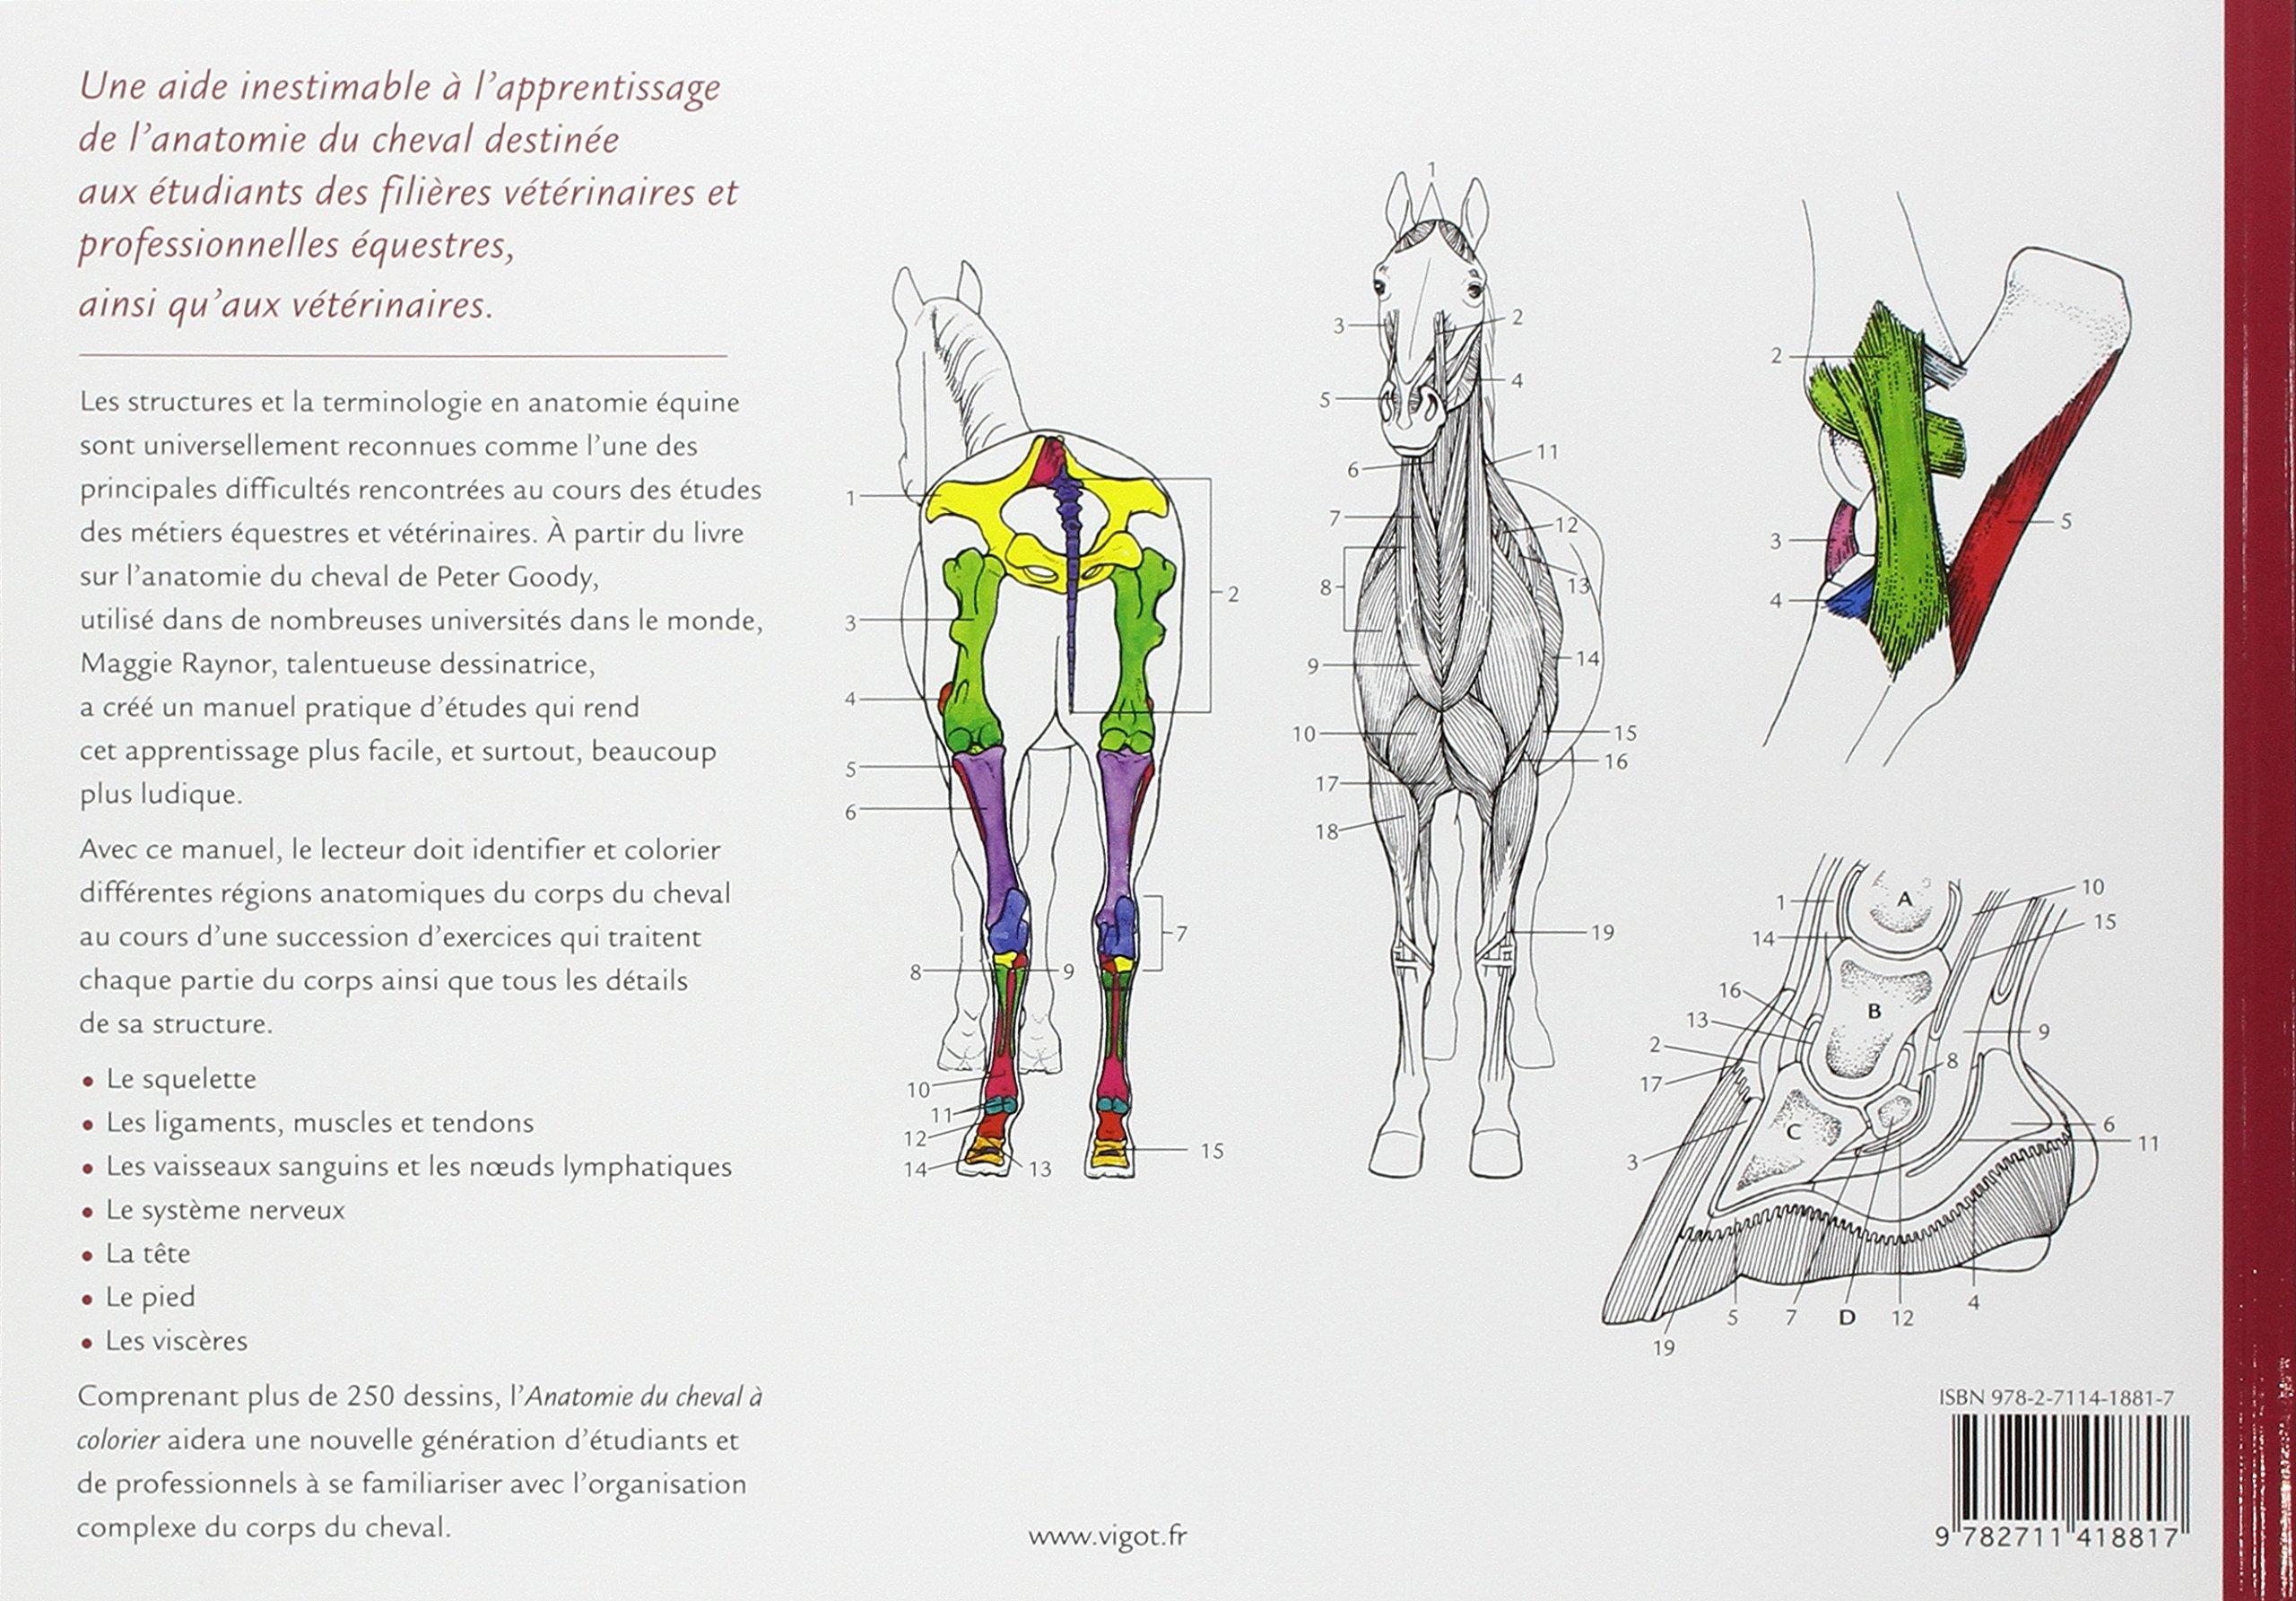 Coloriage Homme Cheval.Amazon Fr Anatomie Du Cheval A Colorier Une Aide A L